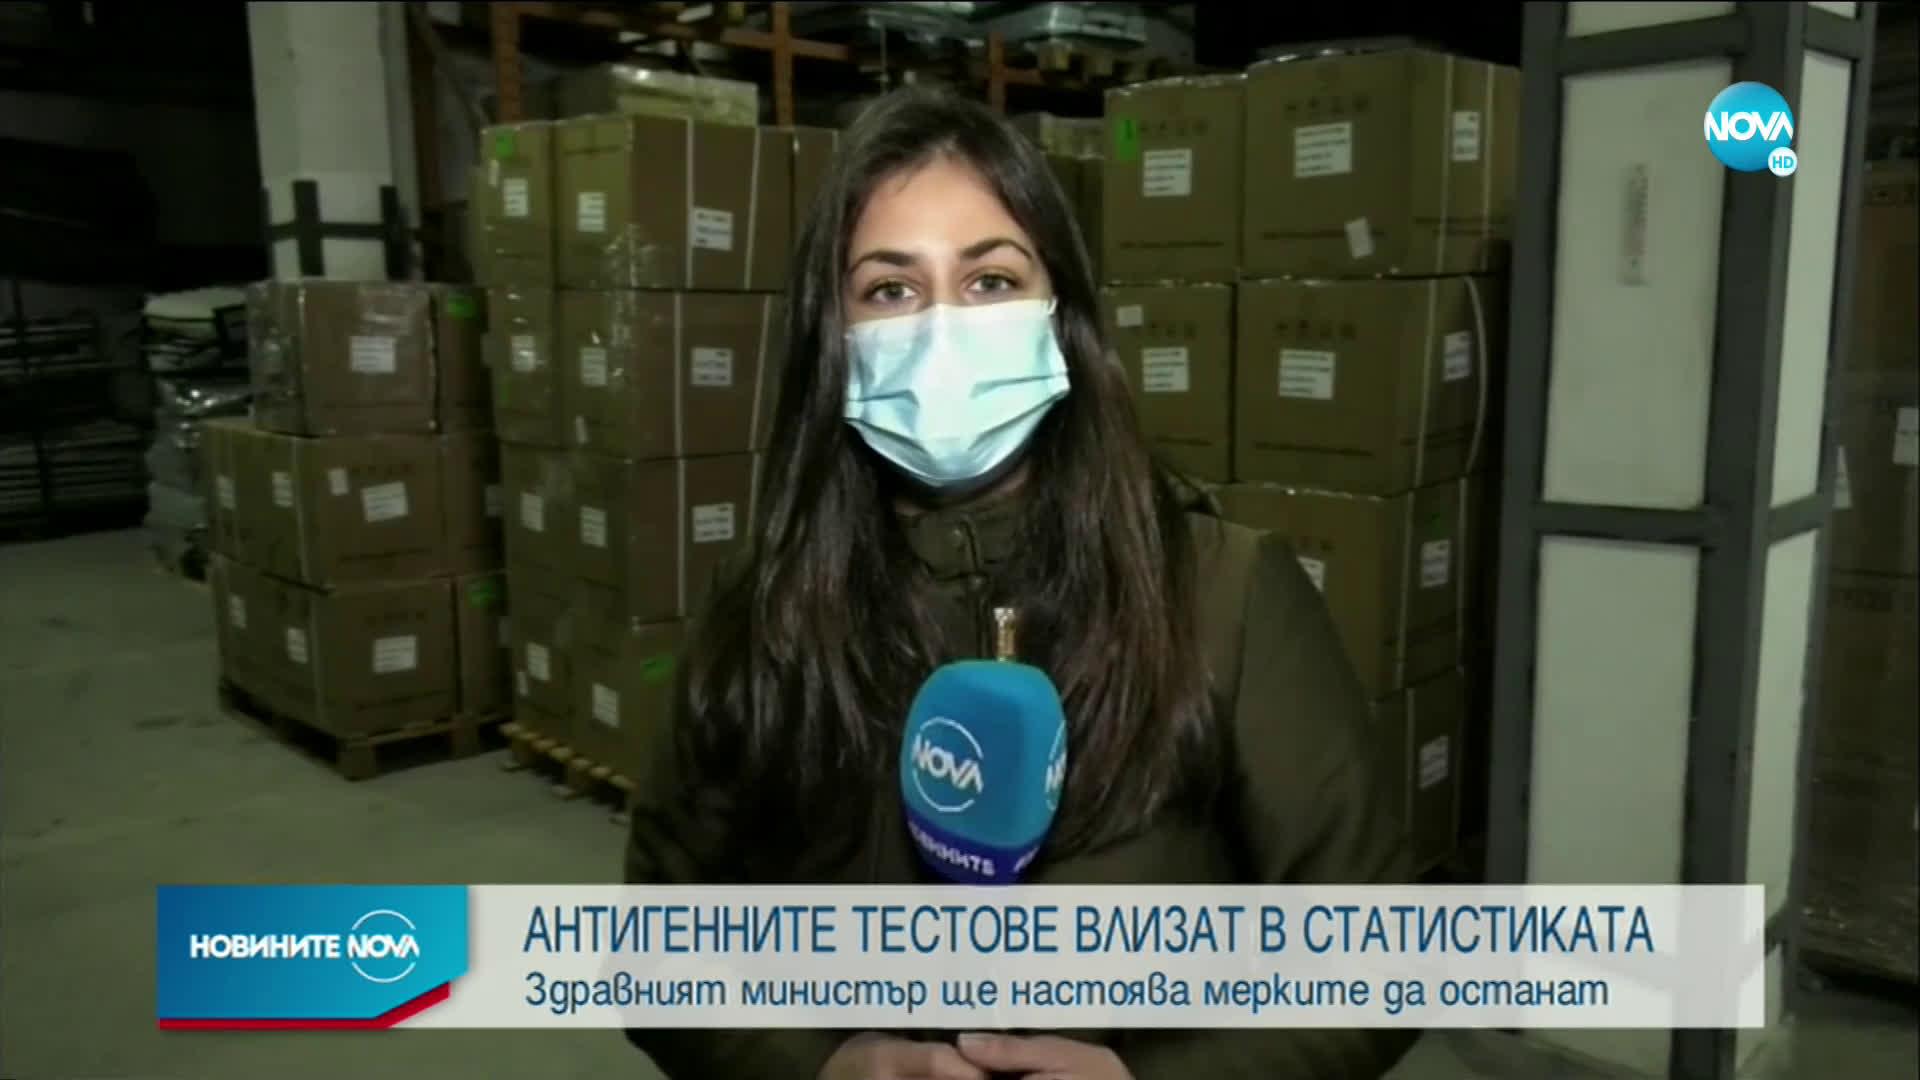 Проф. Ангелов: Ще настоявам мерките да останат същите и след 21 декември